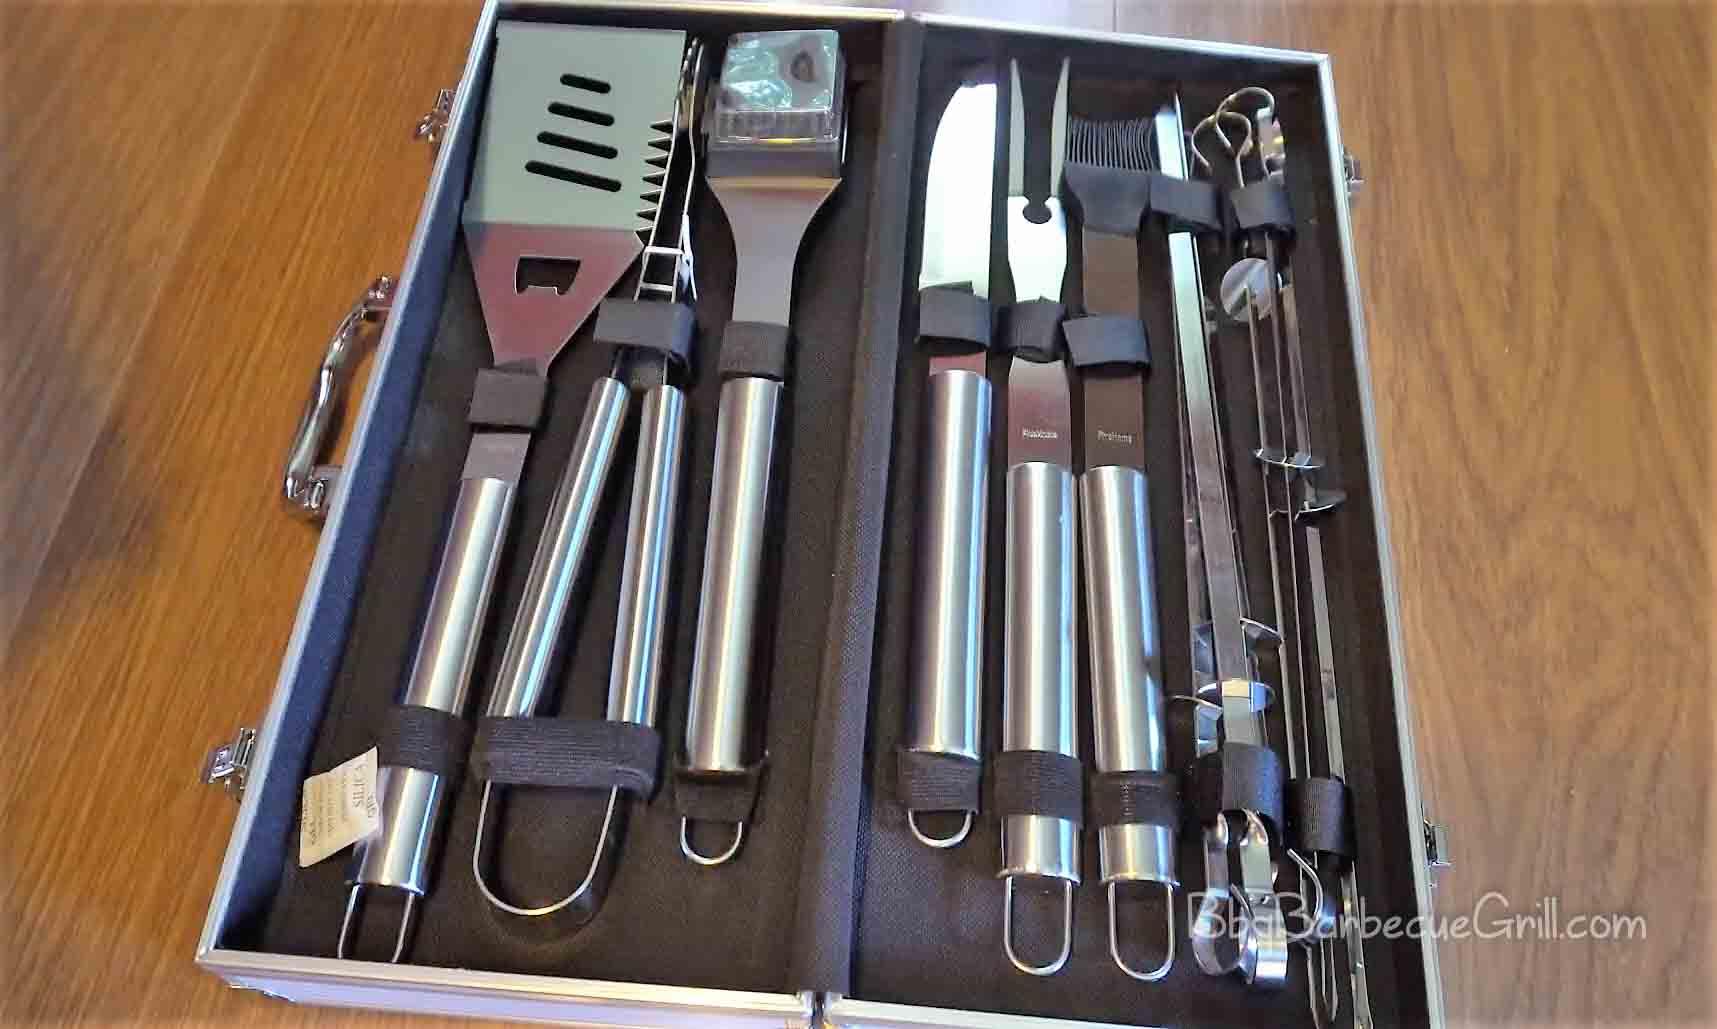 Best bbq utensil set